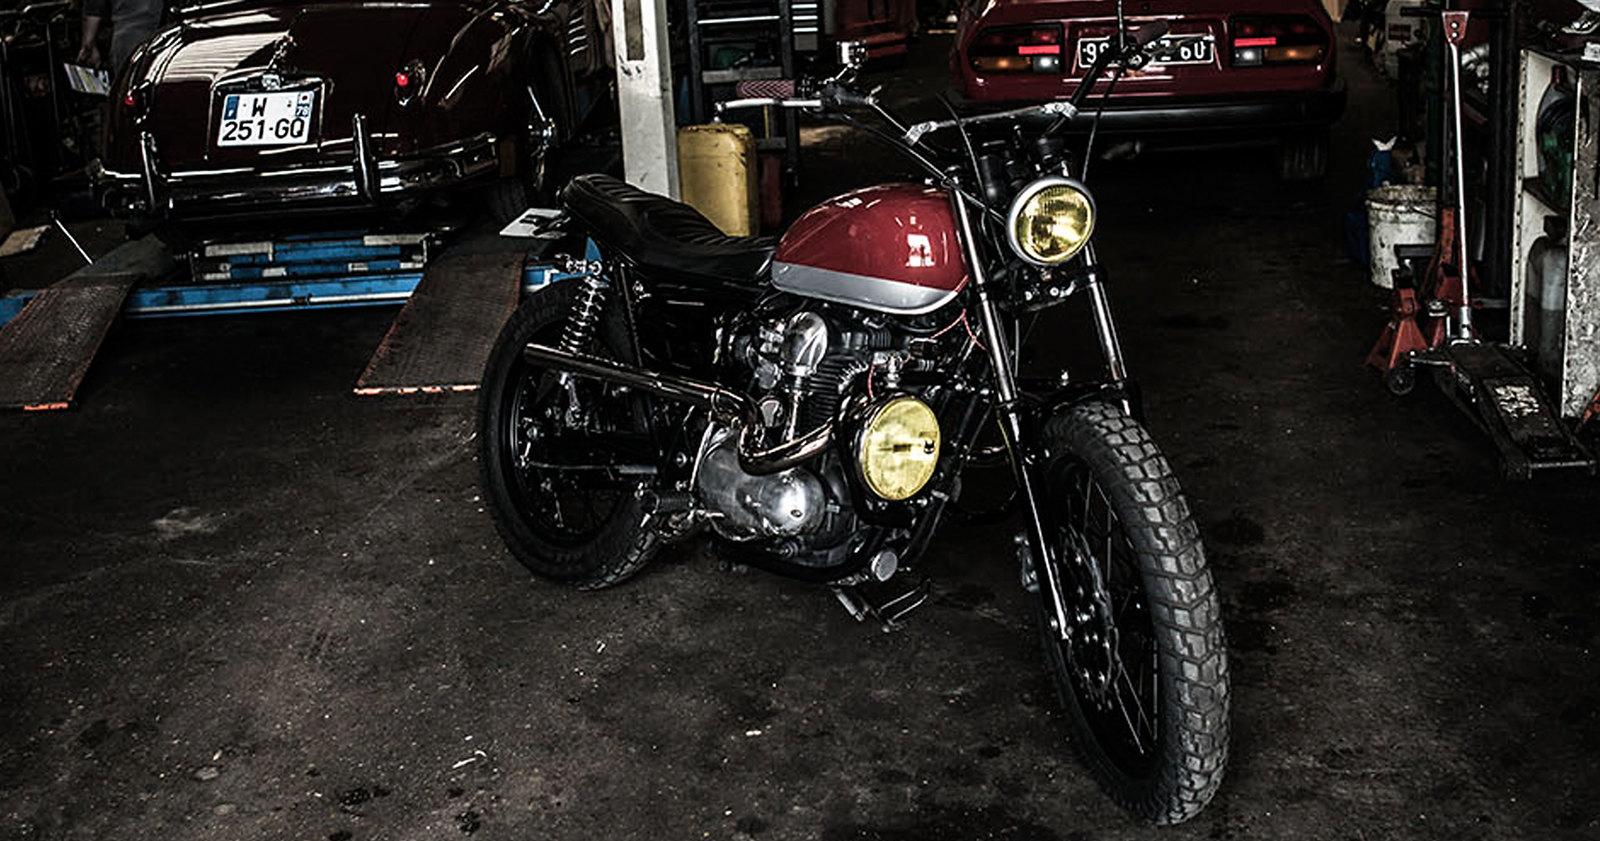 Kawasaki-W650-2000-E